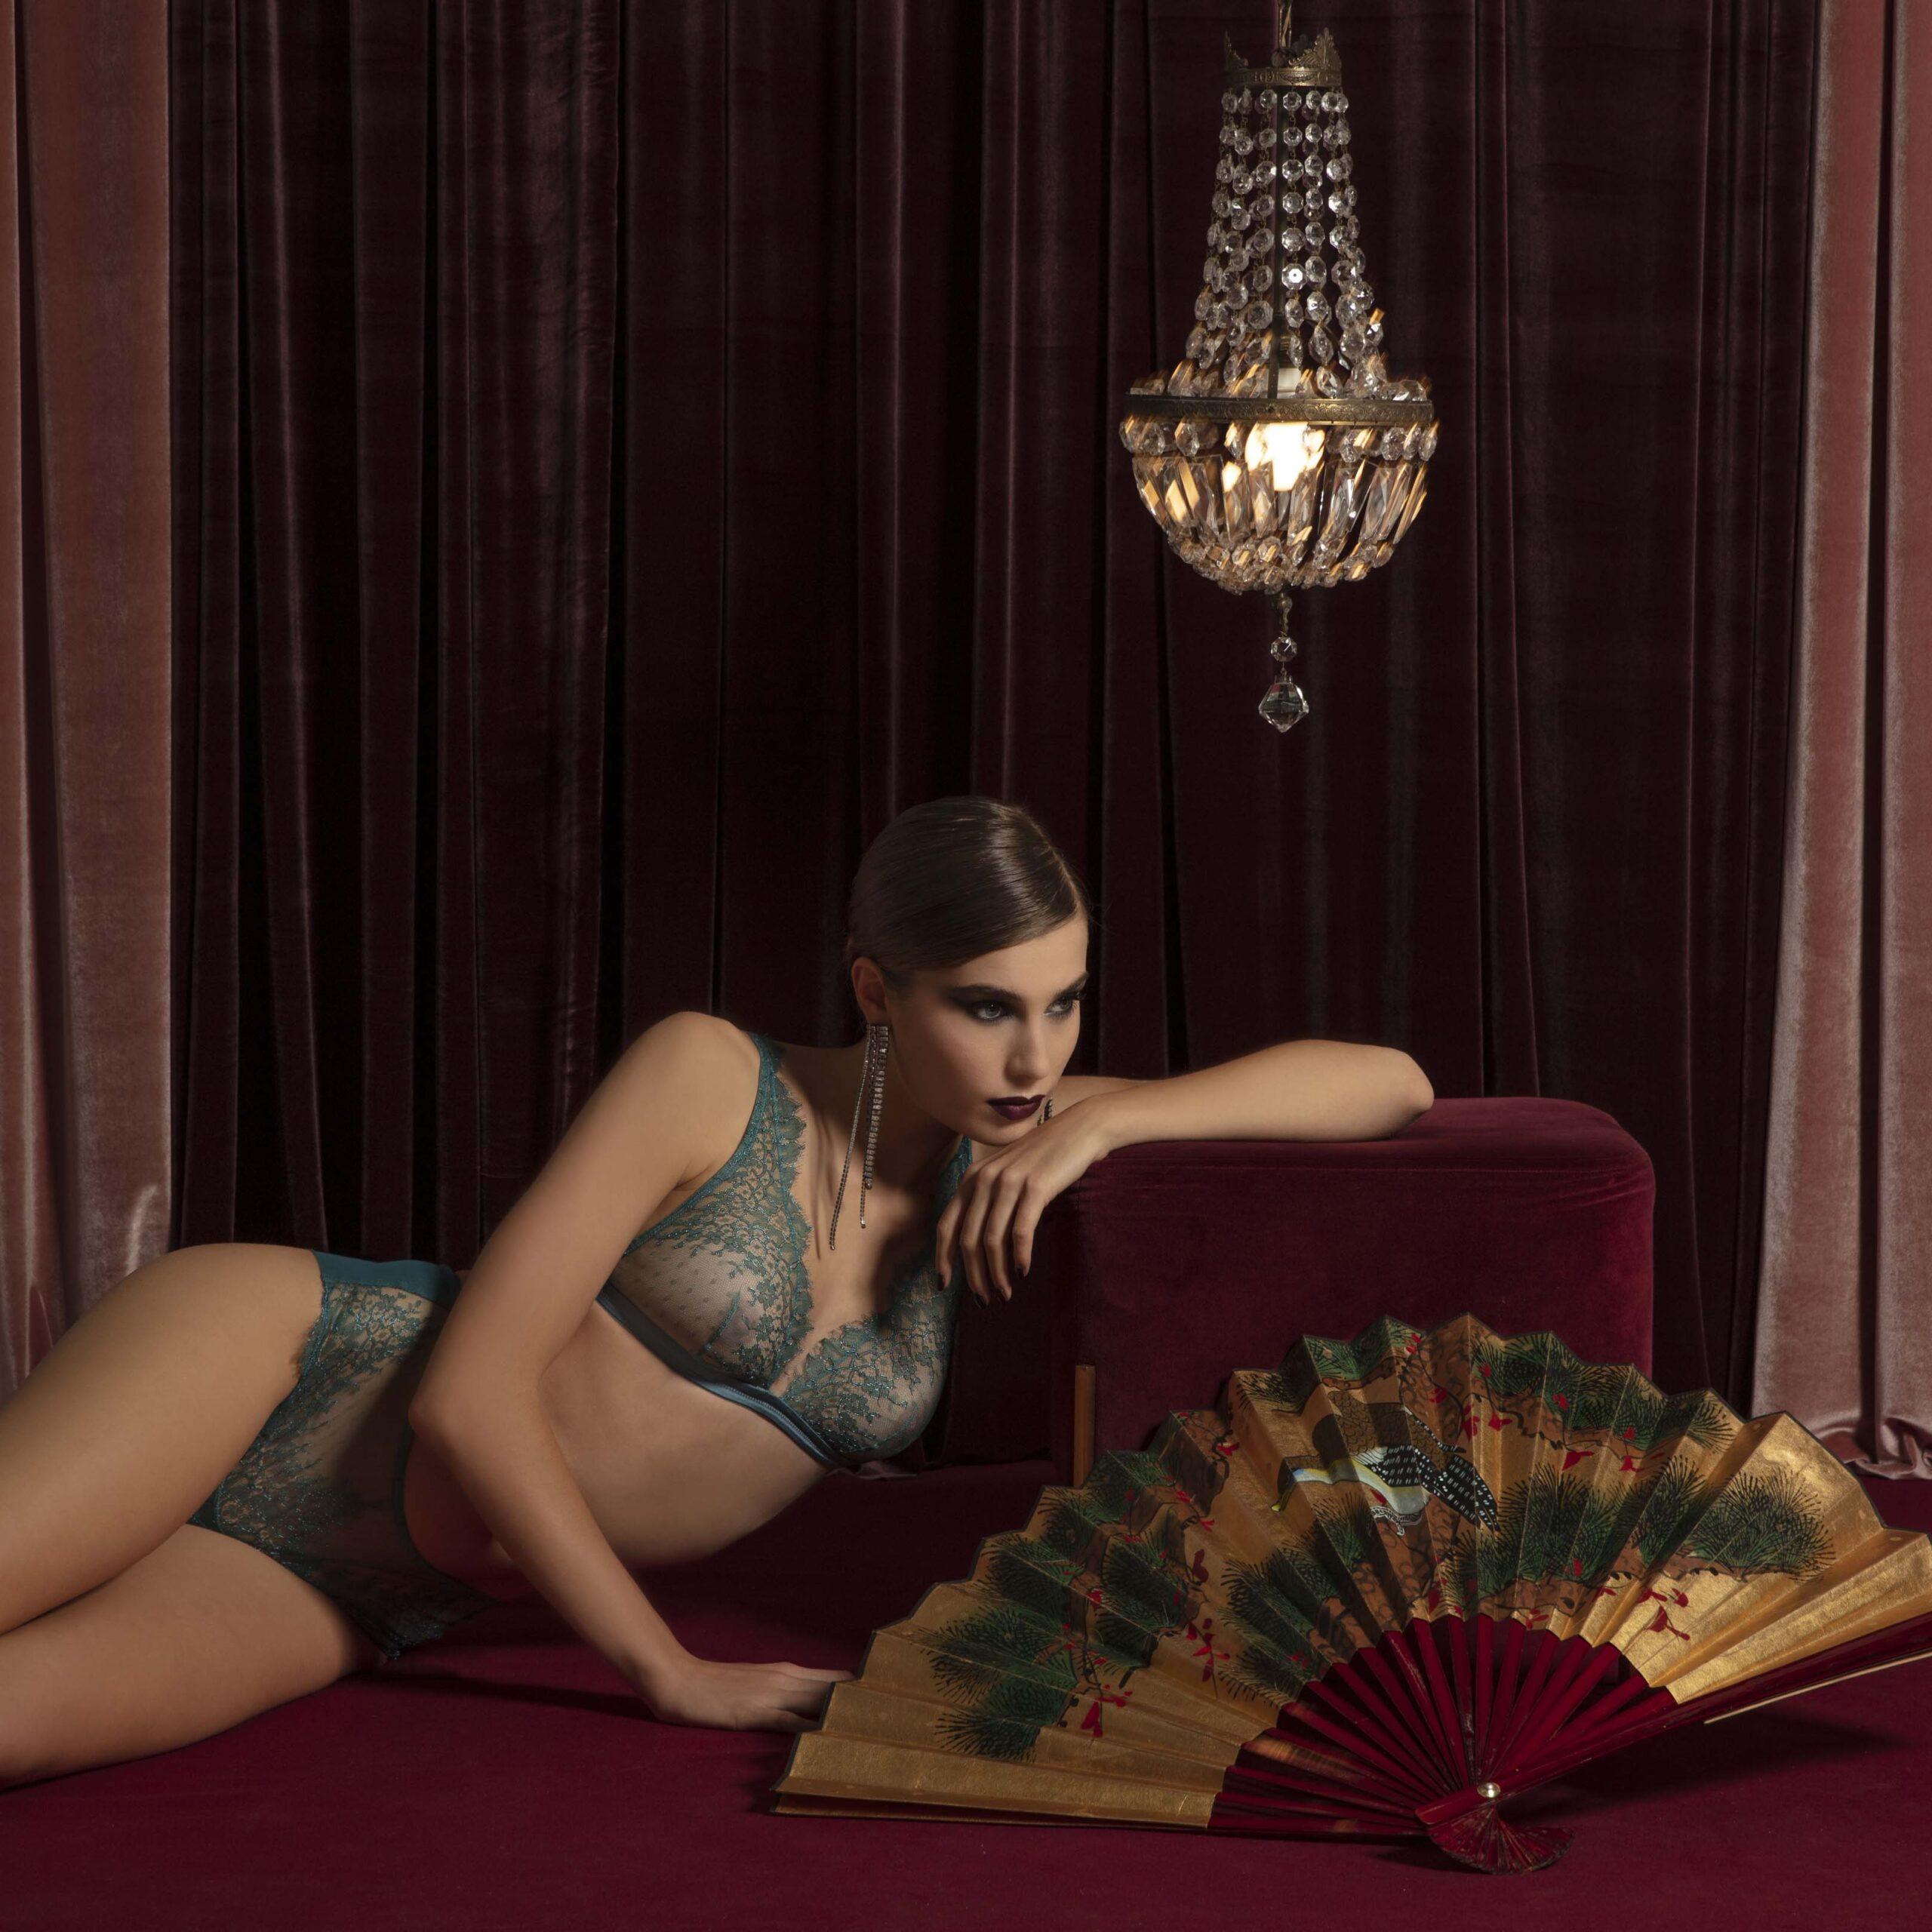 completo-pizzo-reggiseno-slip-valery-prestige-lingerie-donna-autunno-inverno-2022